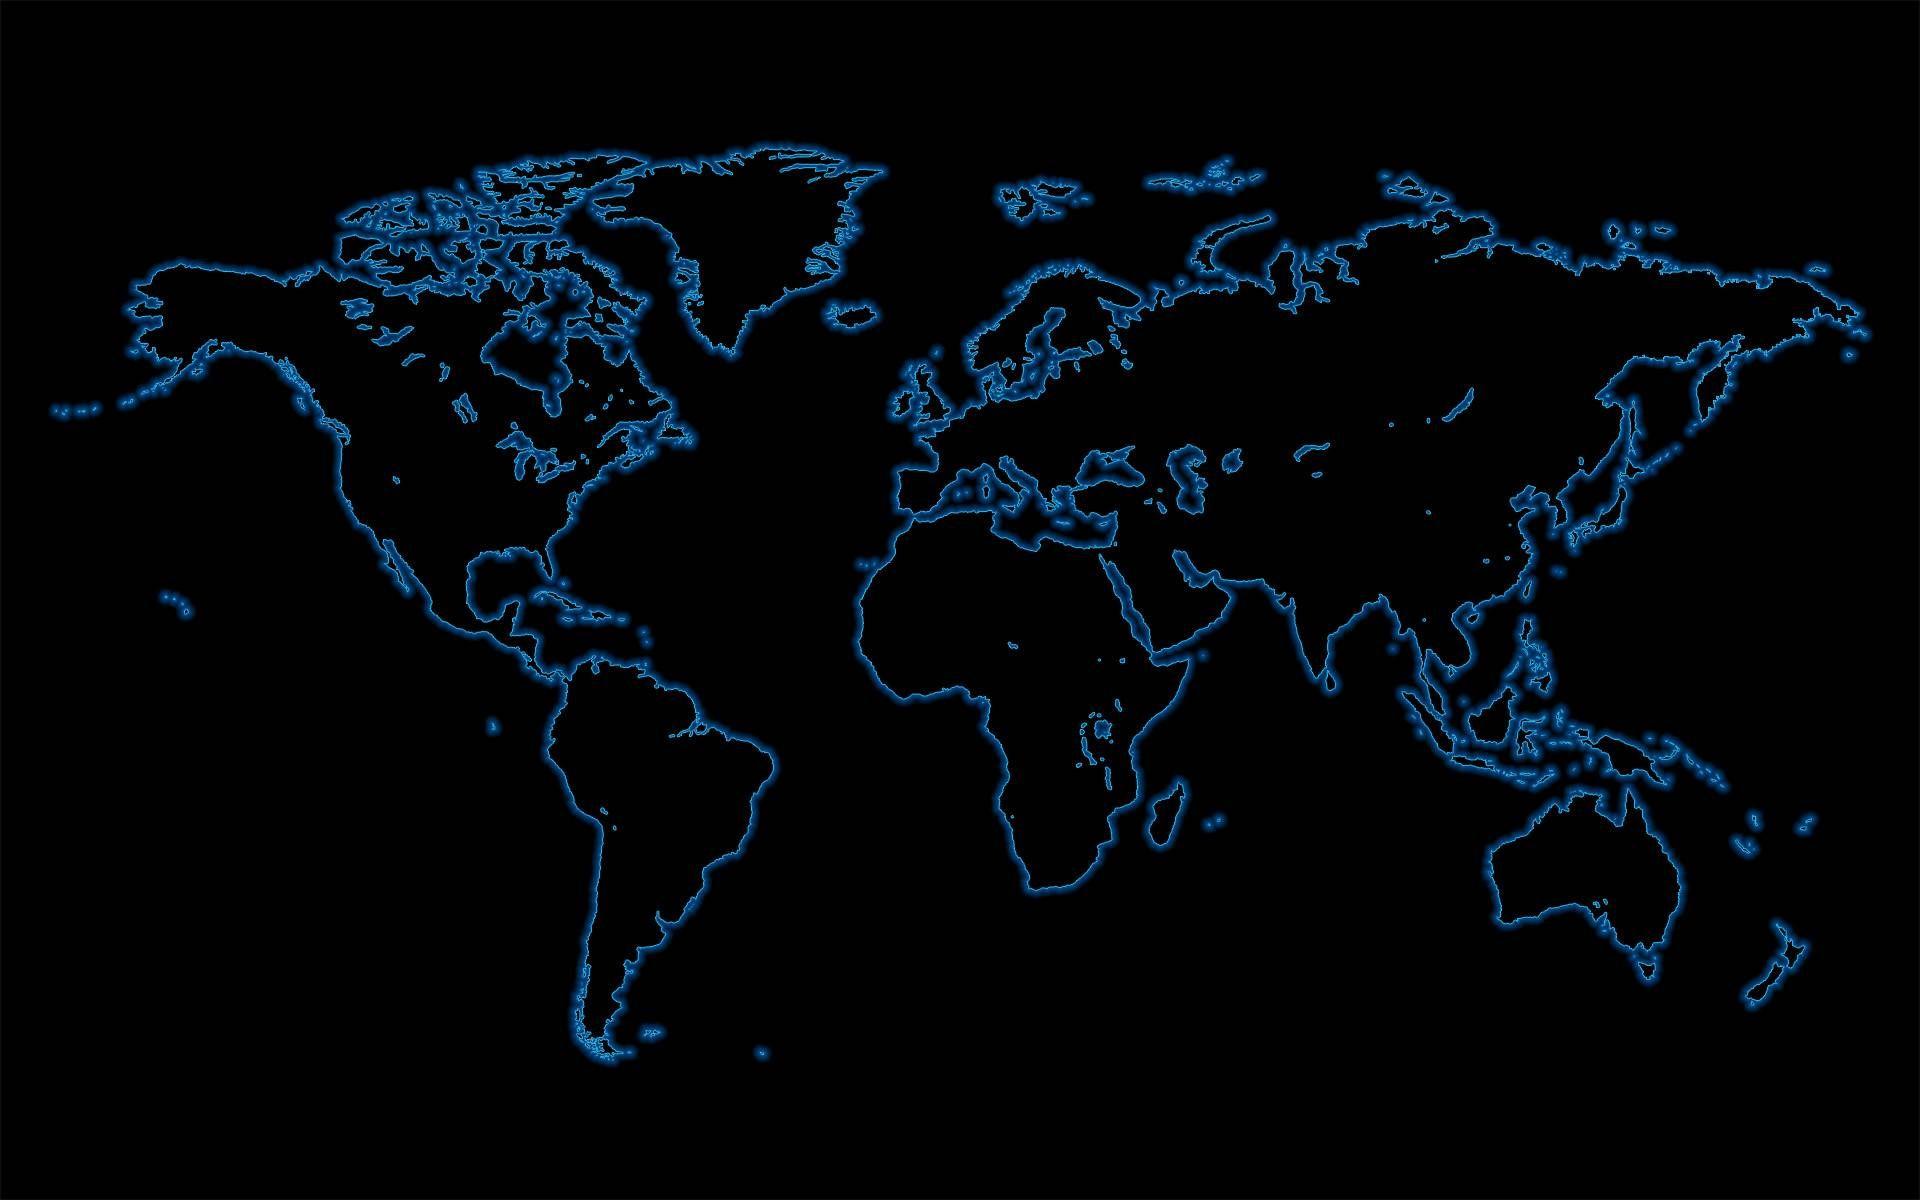 5bzwysc Jpg 1920 1200 World Map Wallpaper Map Wallpaper Worl